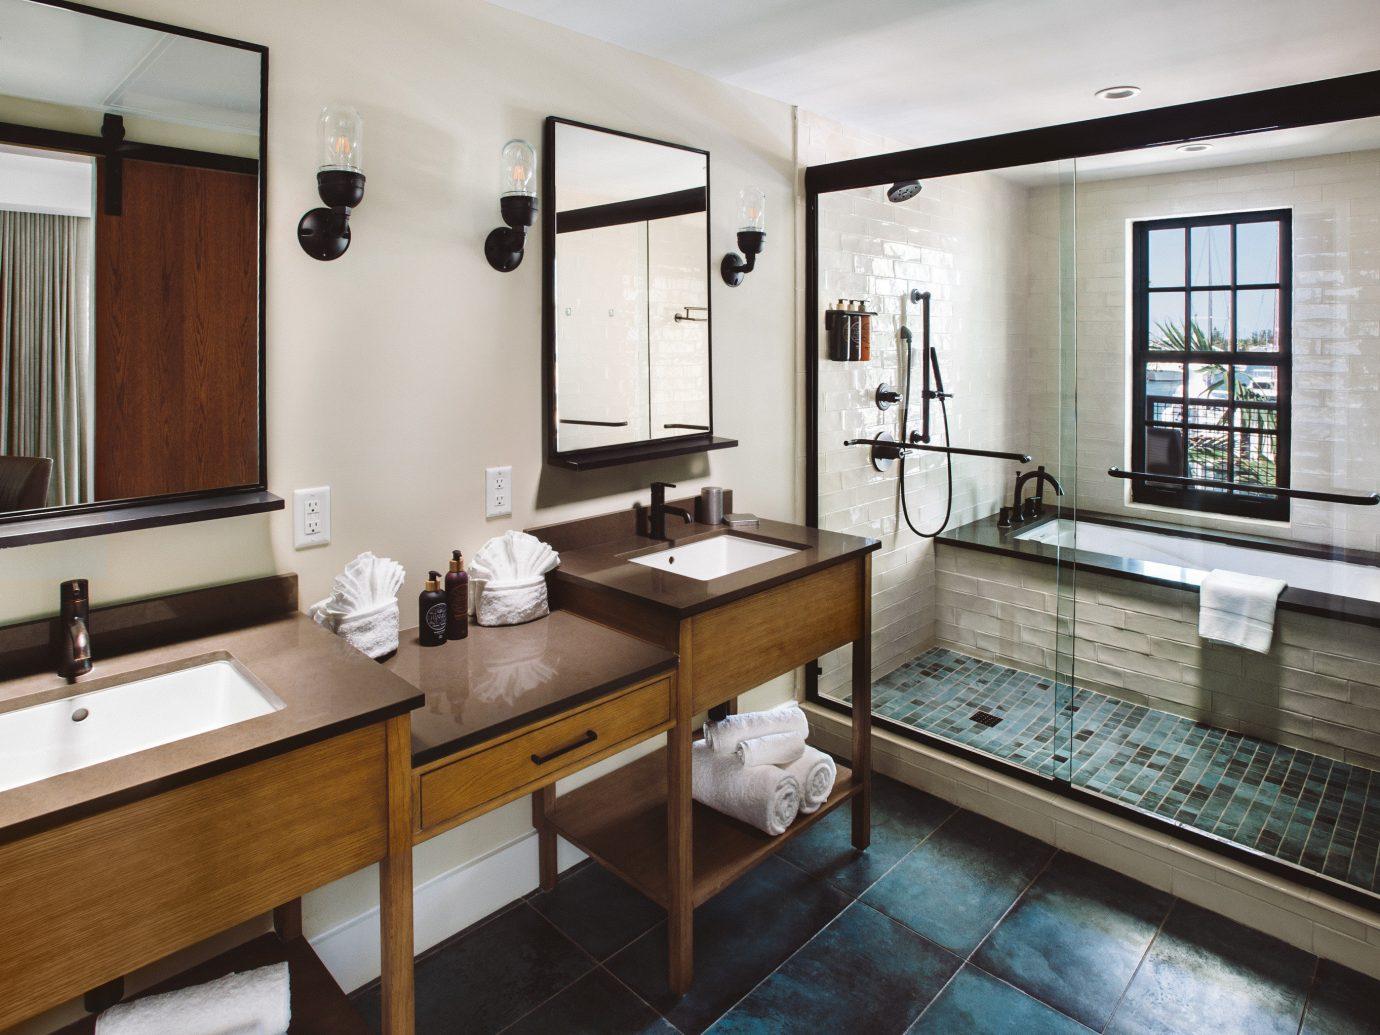 Florida Hotels floor indoor bathroom window room sink counter interior design real estate